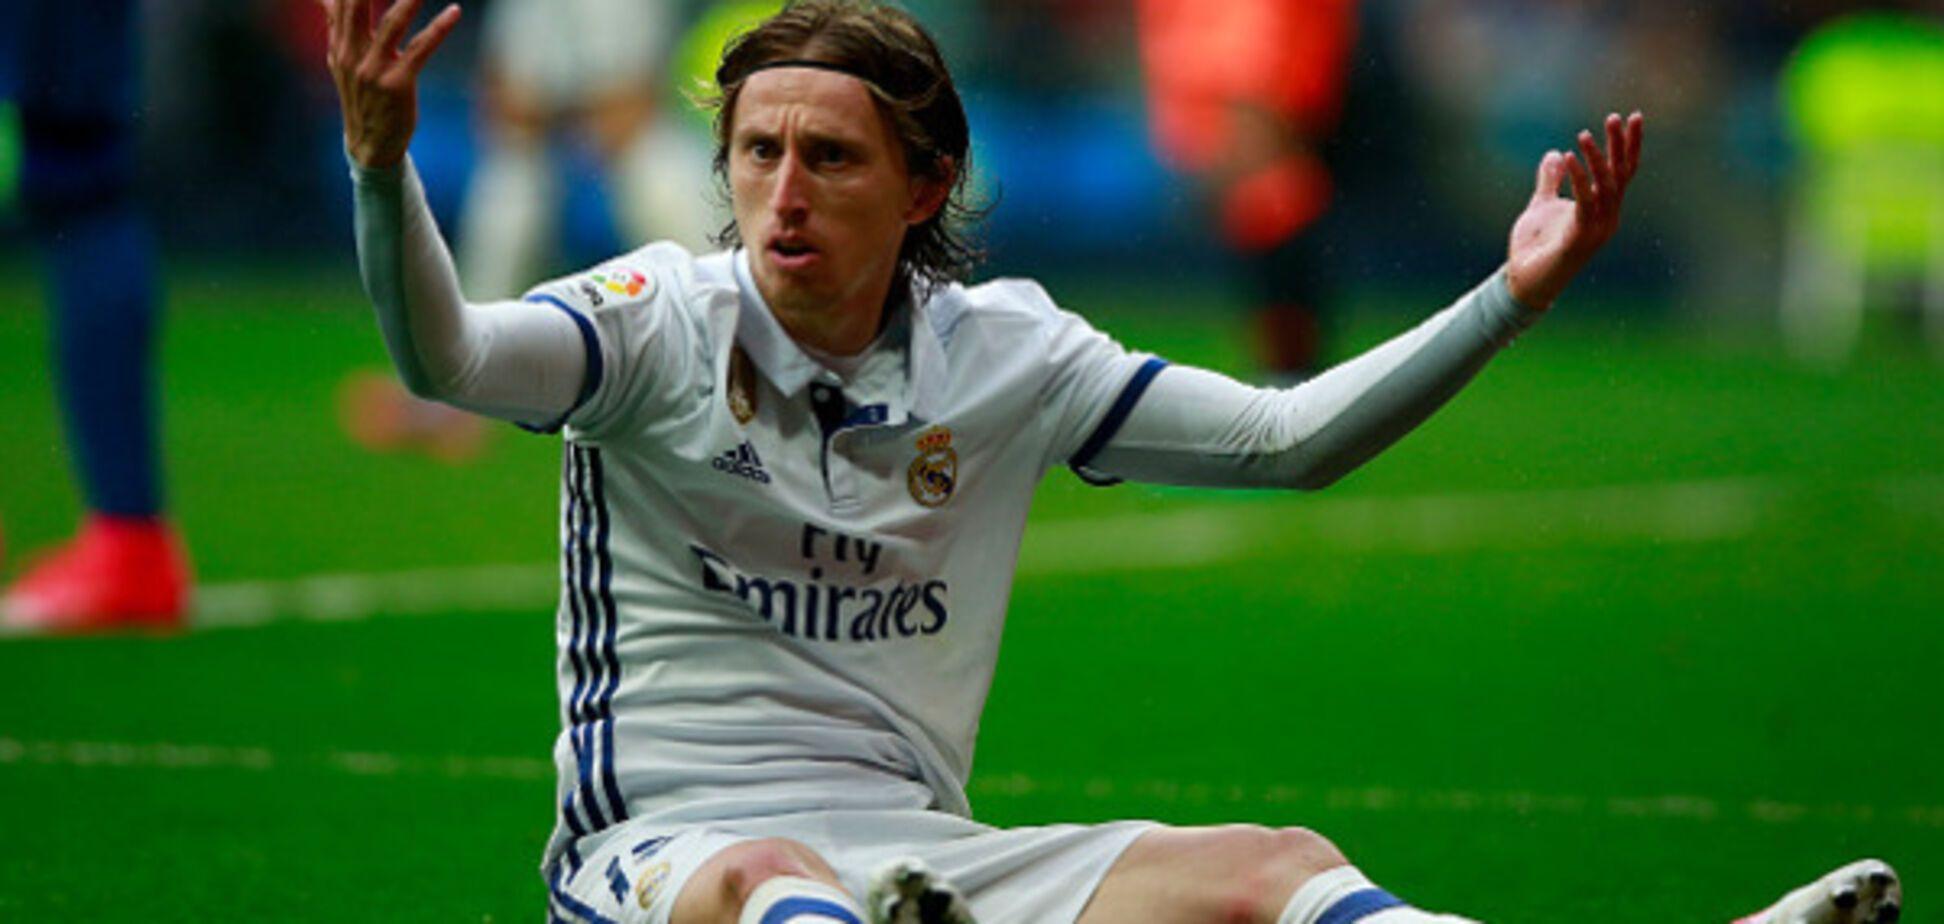 'Гребанная шутка': странное решение испанской Федерации удивило футболистов 'Реала'